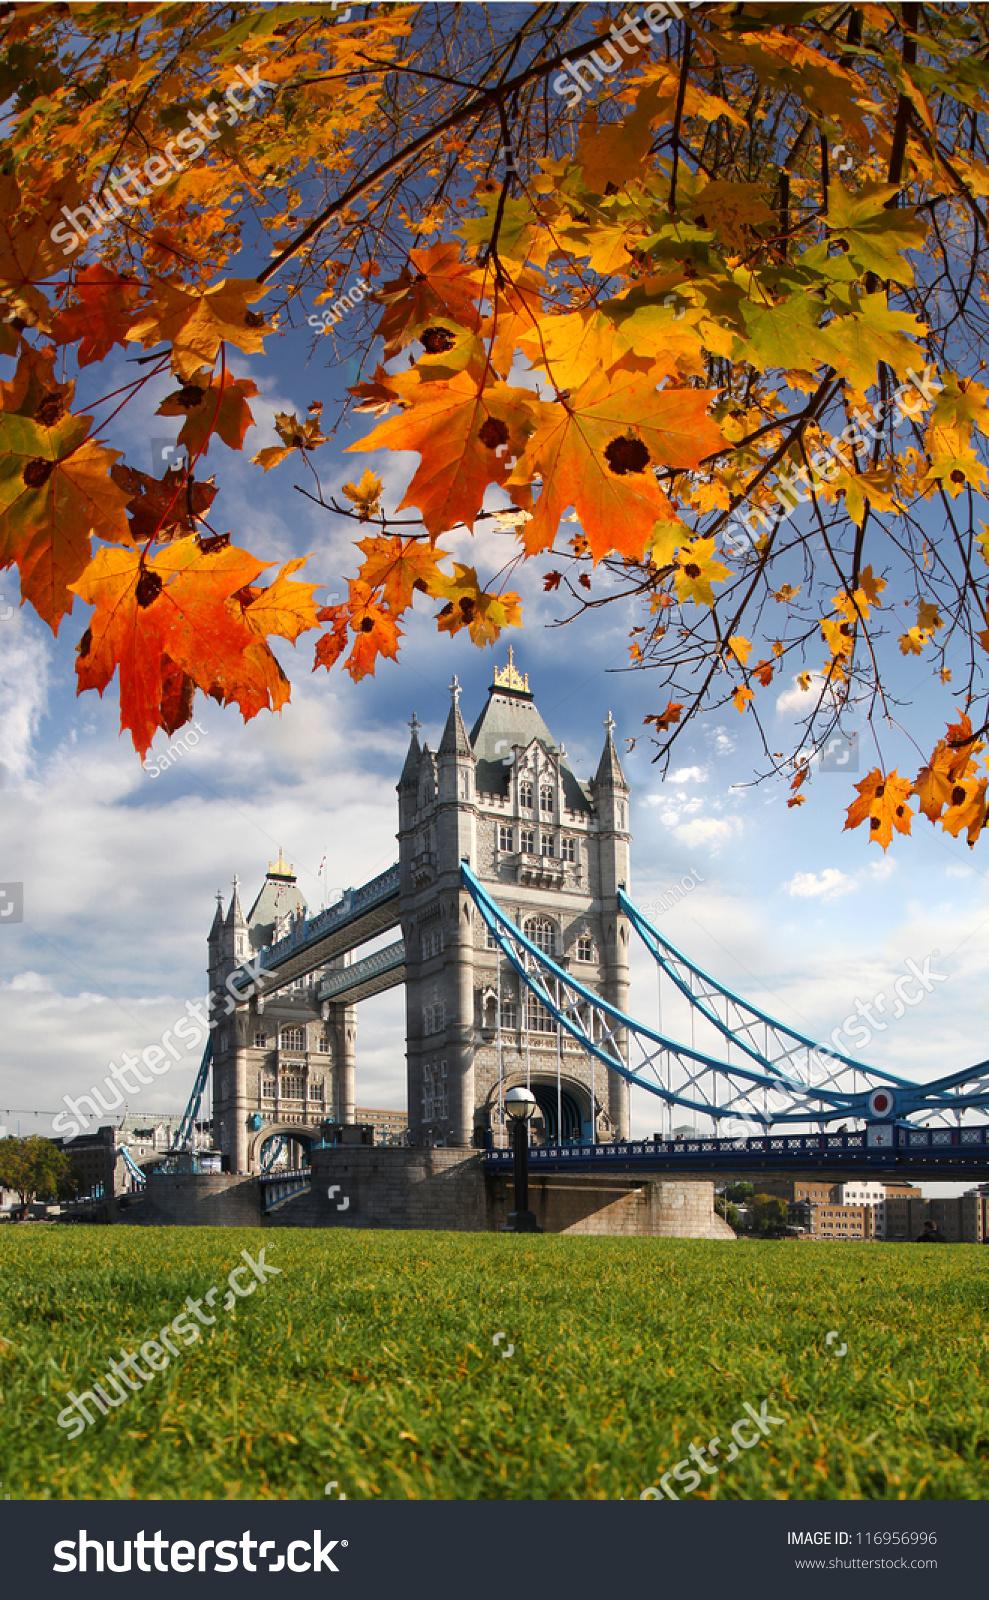 London In Autumn: Famous Tower Bridge Autumn London